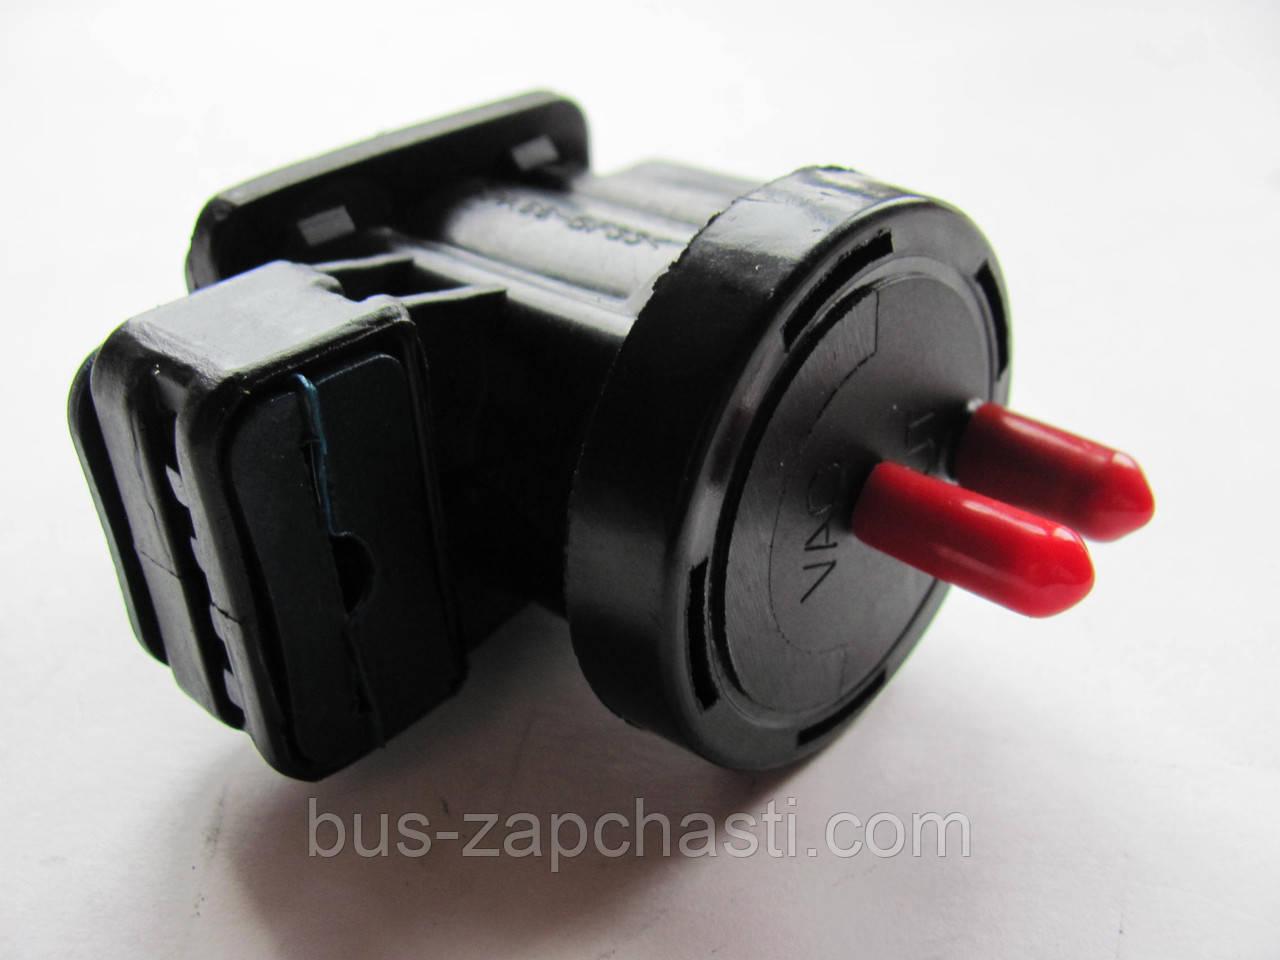 Клапан управления турбиной MB Sprinter, Vito 638 CDI 00-06 (черный/60кВт) — Trucktec (Германия) — 02.42.357